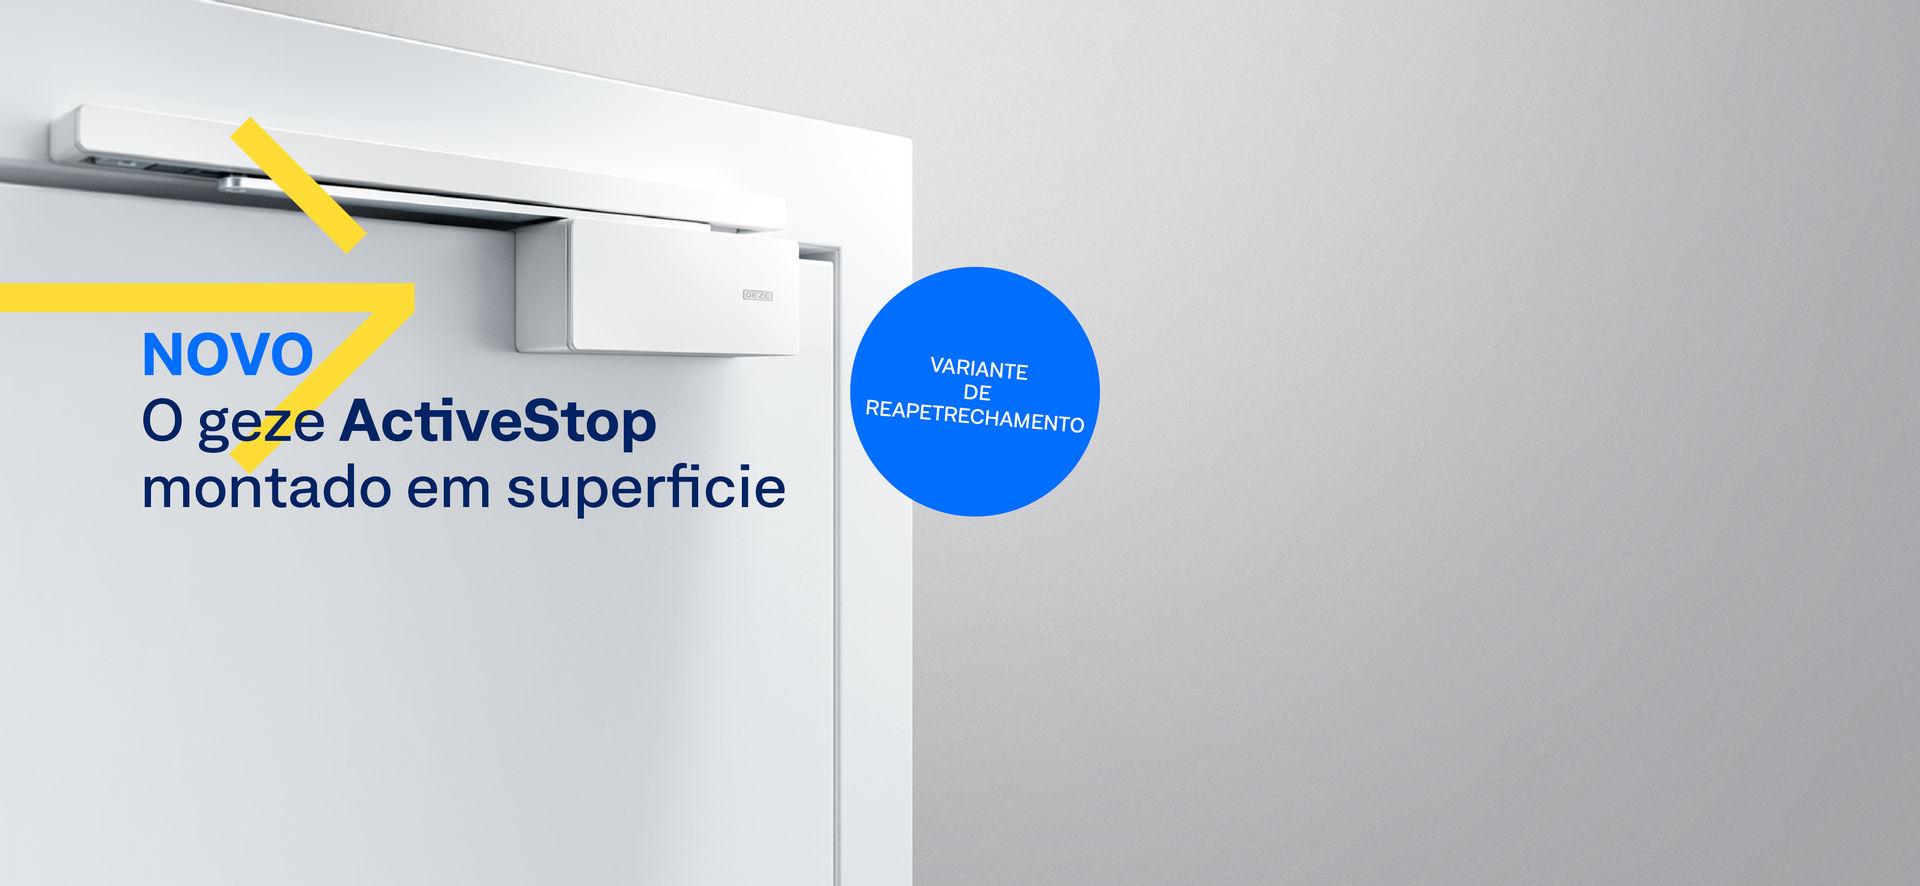 O nosso GEZE Activestopp pára portas com suavidade, fecha-as silenciosamente e mantém-nas abertas de forma confortável. Para além da comprovada variante integrada, agora oferecemos uma variante de assentamento para um reapetrechamento simples.